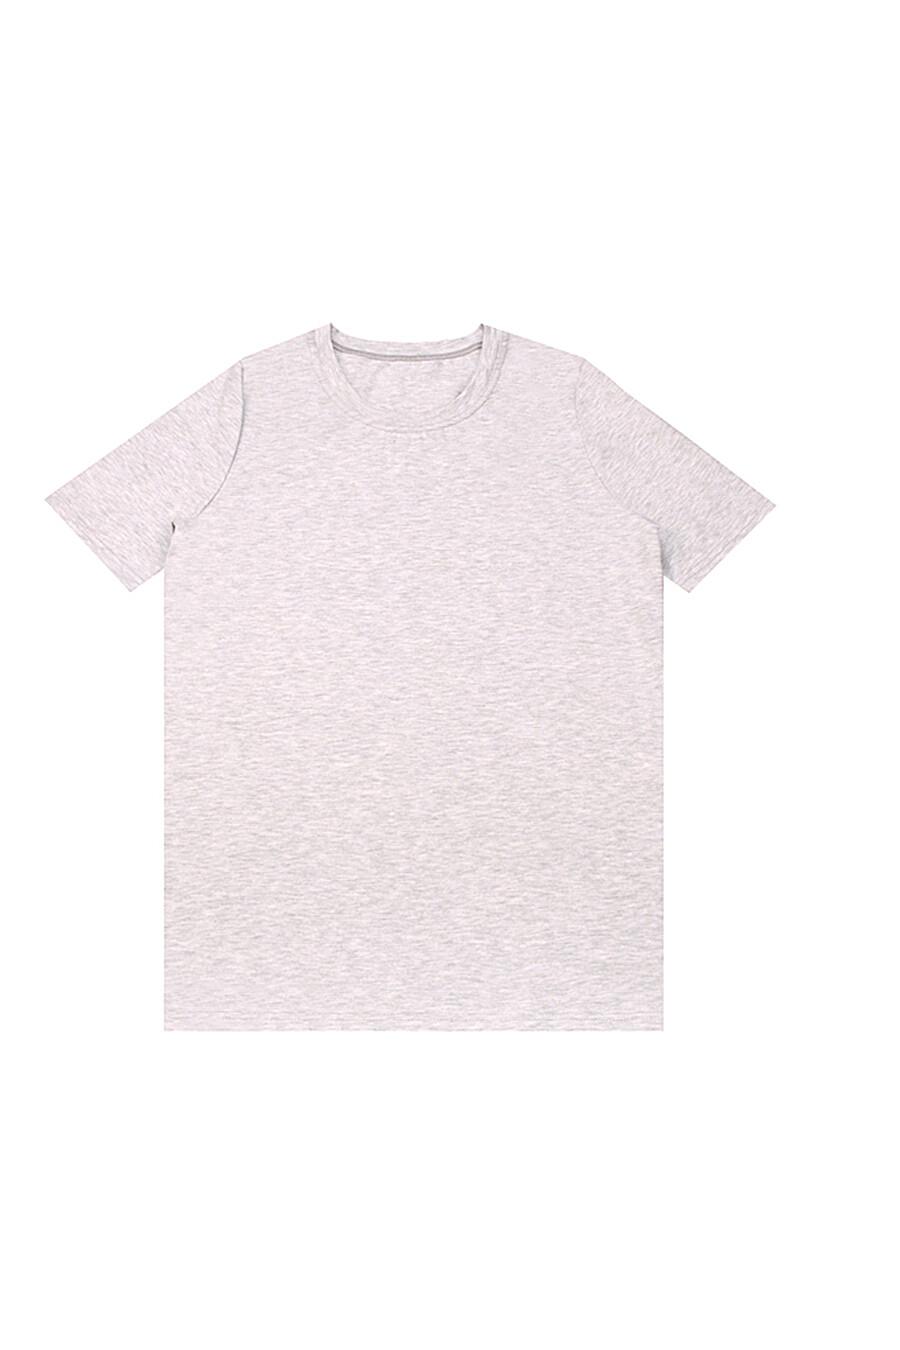 Футболка для женщин Archi 130613 купить оптом от производителя. Совместная покупка женской одежды в OptMoyo